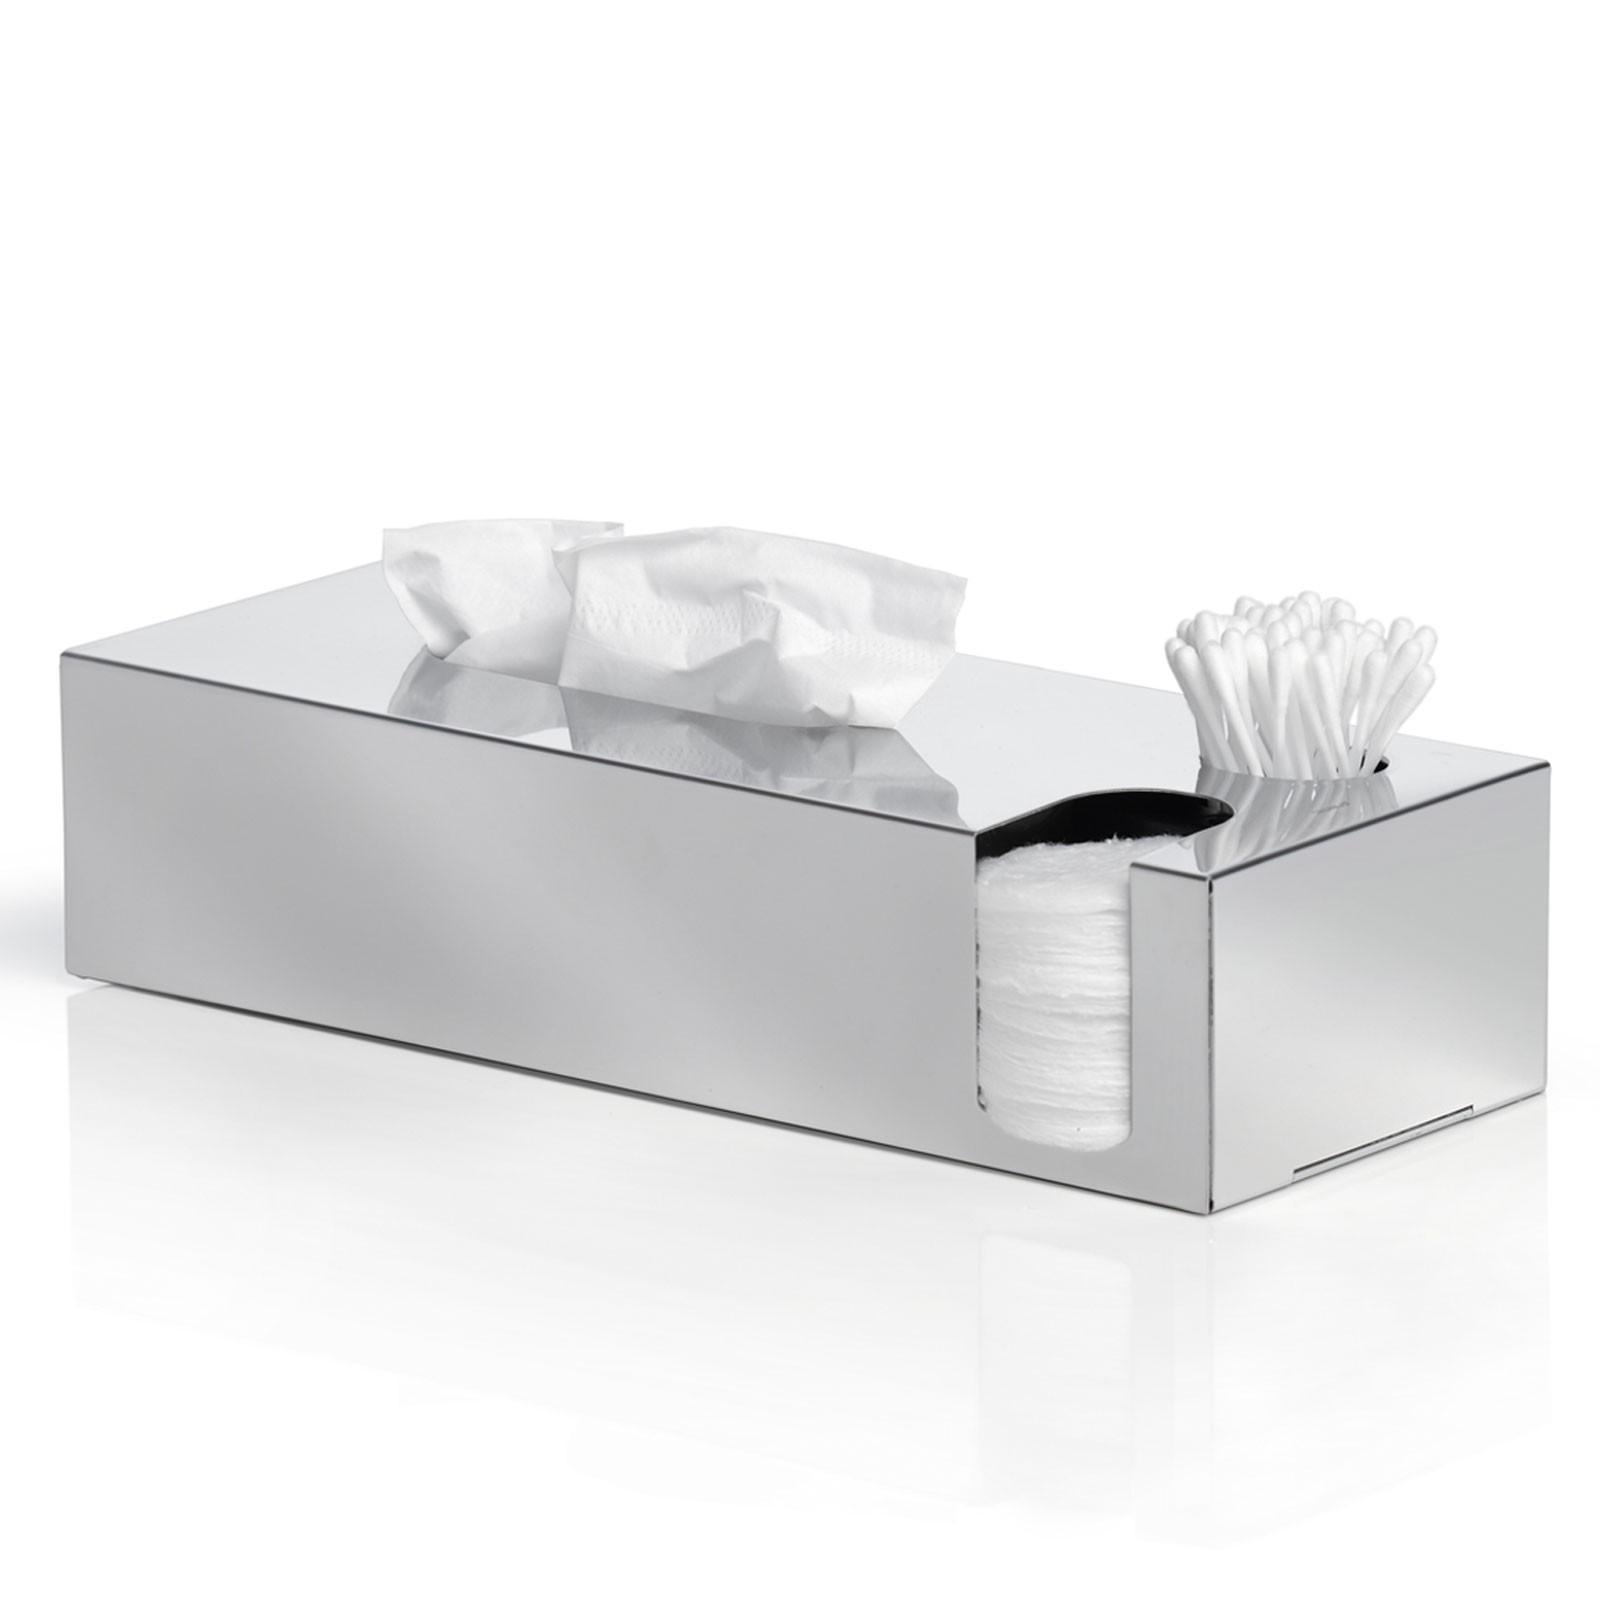 Kombibox für Kosmetiktücher, Wattestäbchen + Wattepads Edelstahl poliert blomus NEXIO